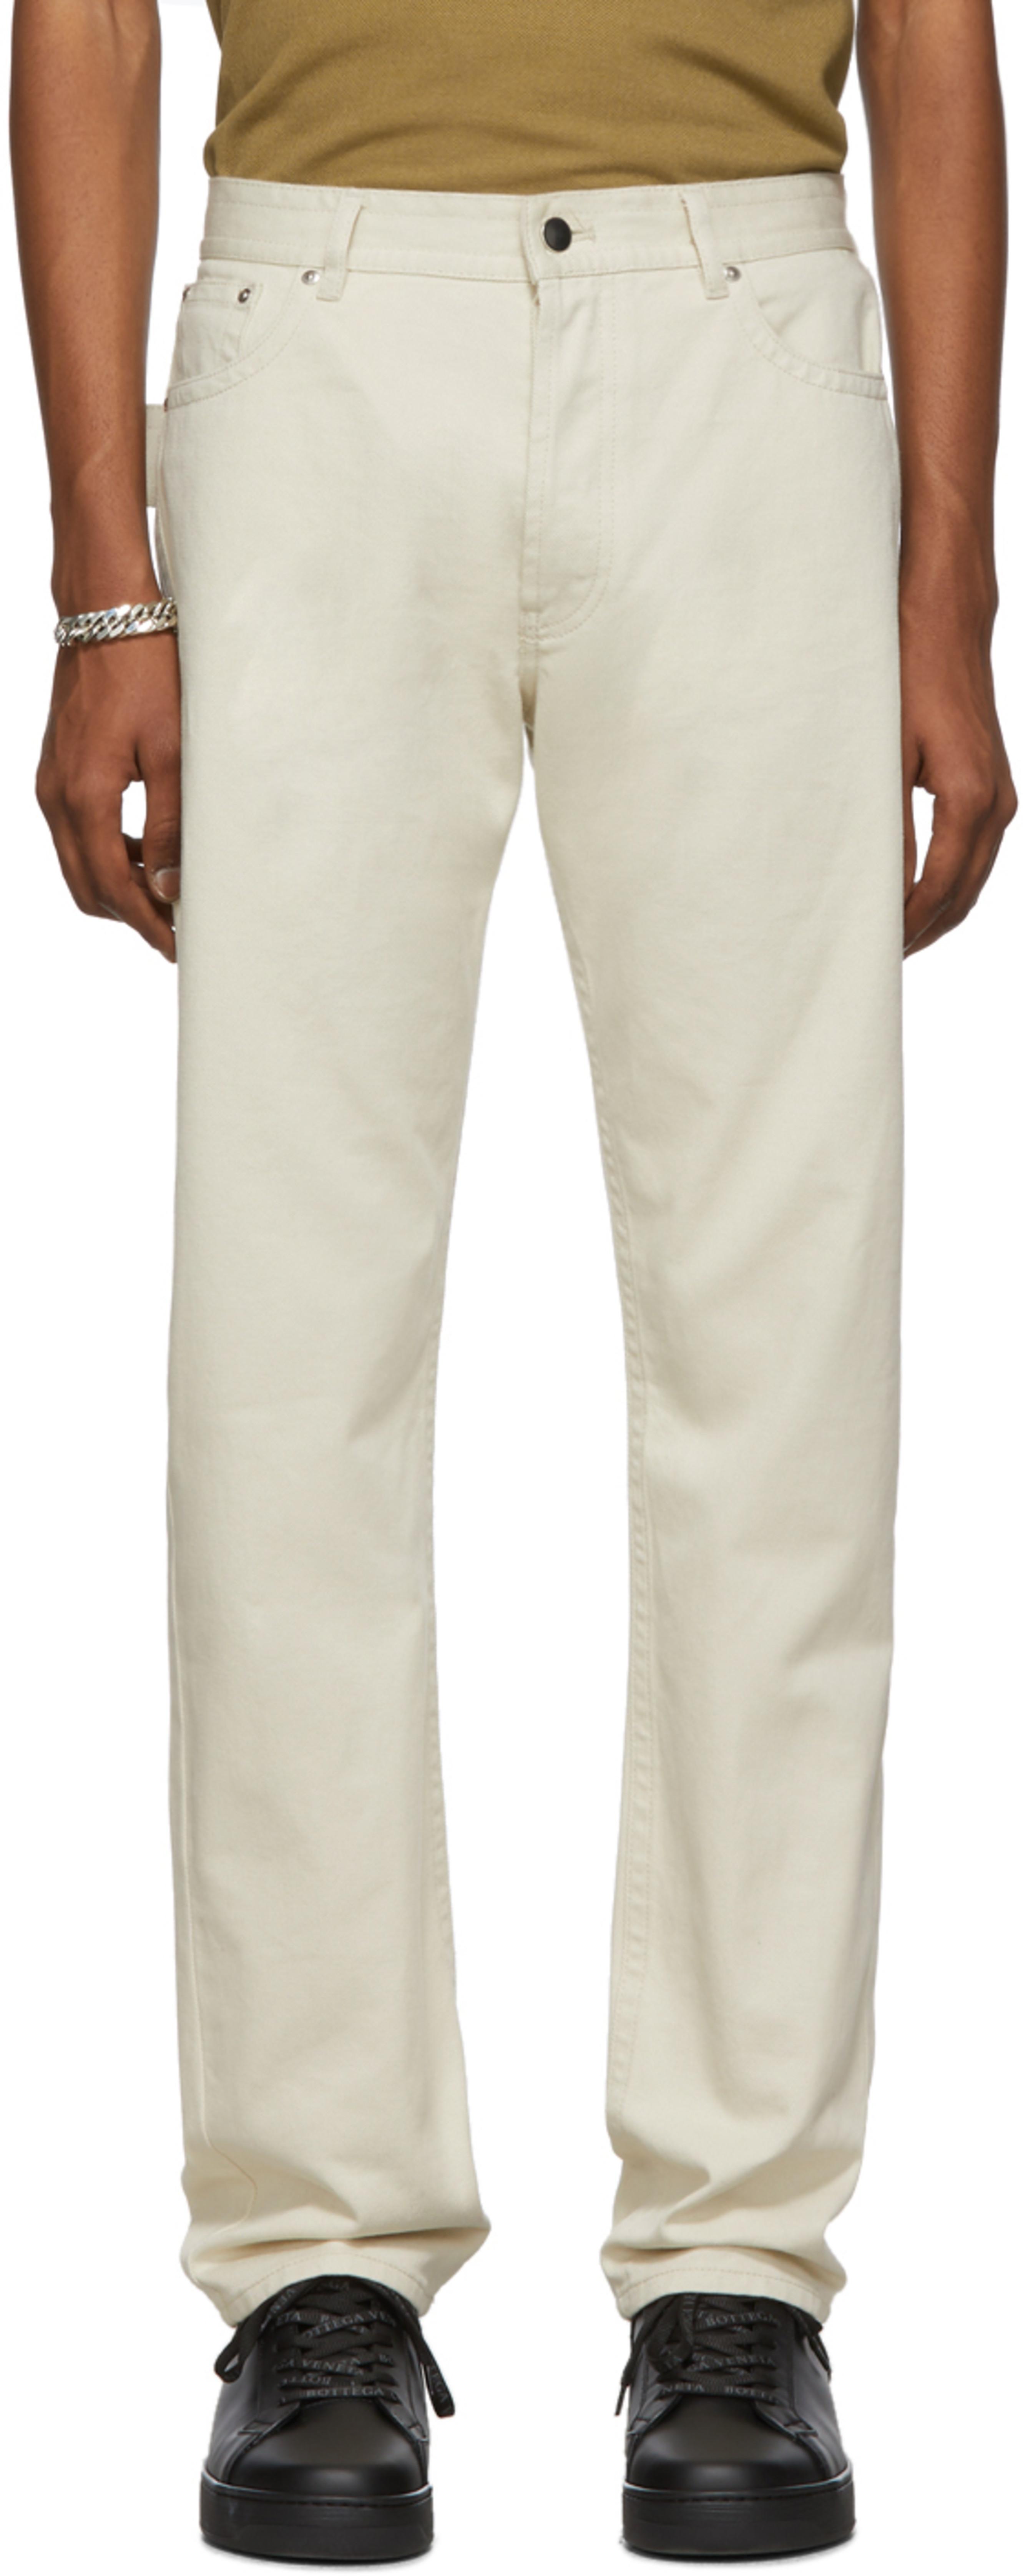 b6834f831 Designer jeans for Men